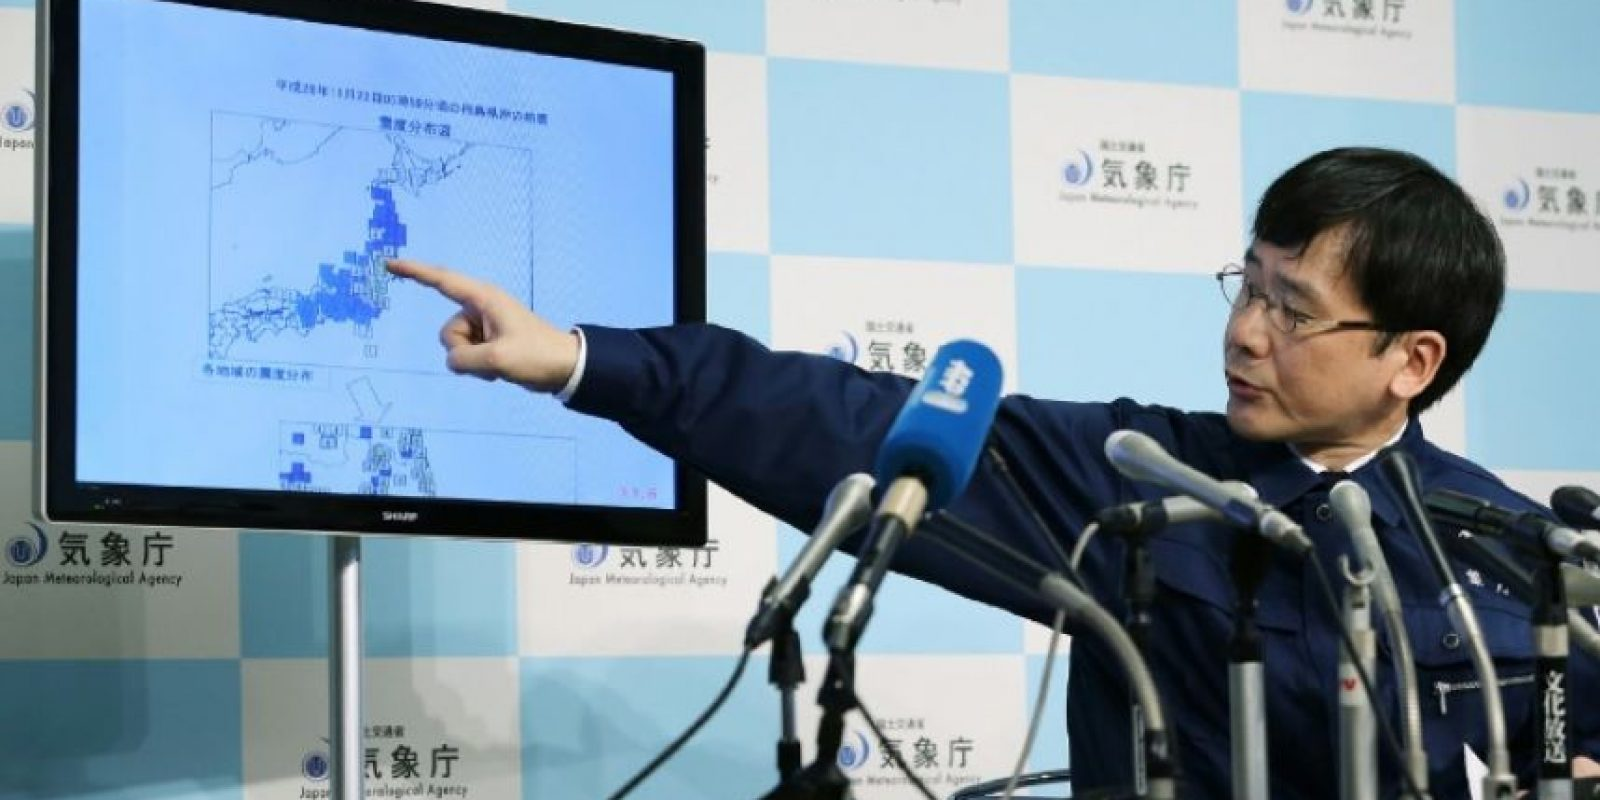 El funcionario de la Agencia Meteorológica Nacional de Japón, Koji Nahkamura, durante una conferencia de prensa el 21 de noviembre de 2016 en Tokio Foto:JIJI PRESS/afp.com